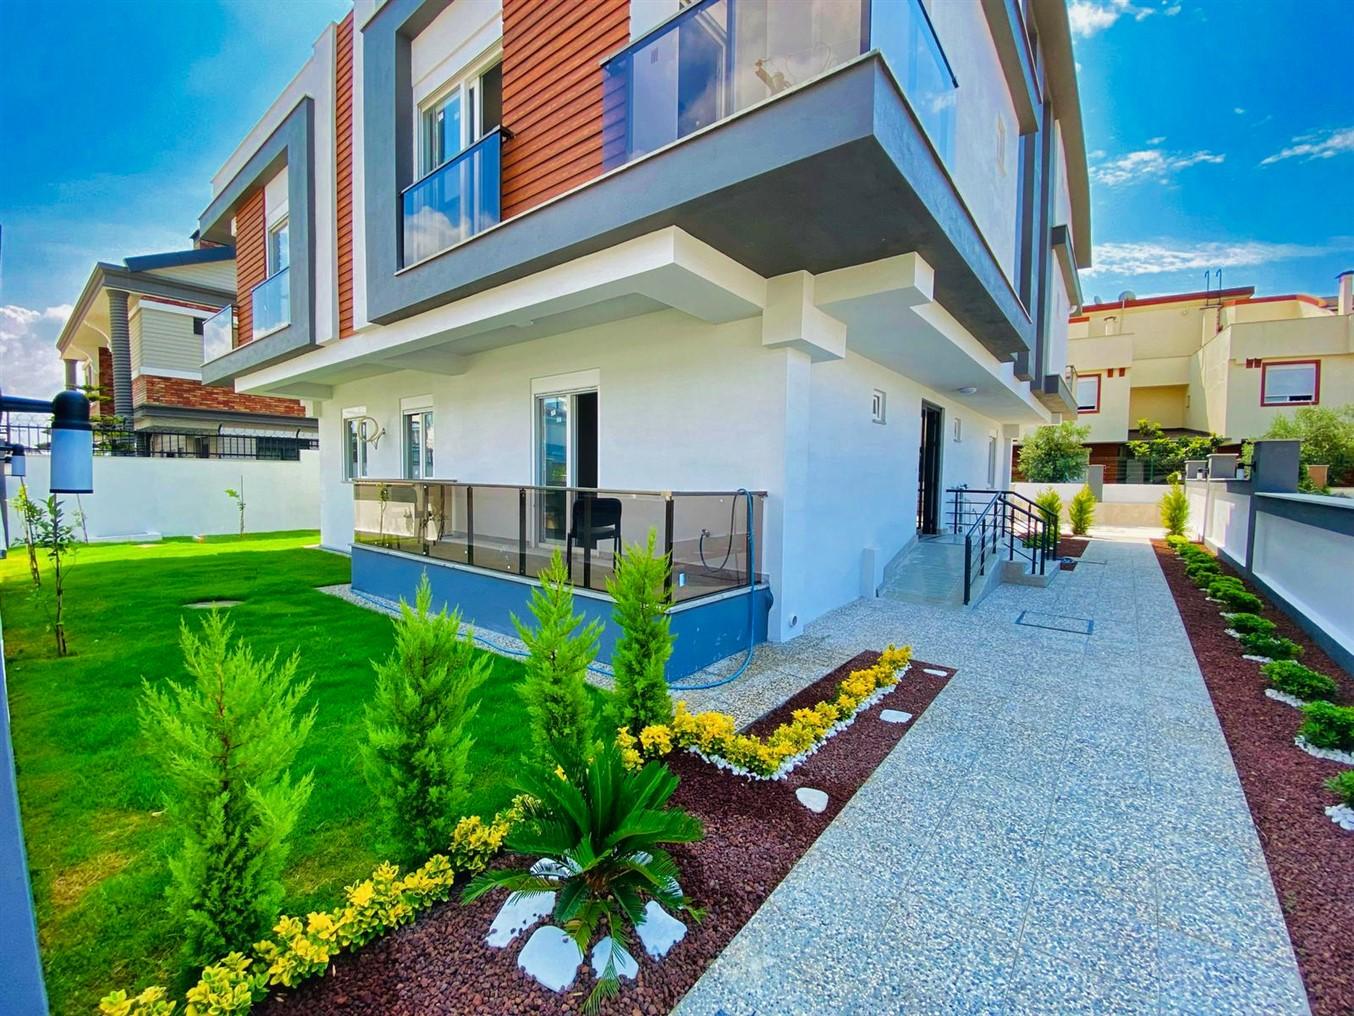 Квартиры в готовом жилом комплексе района Лара - Фото 5